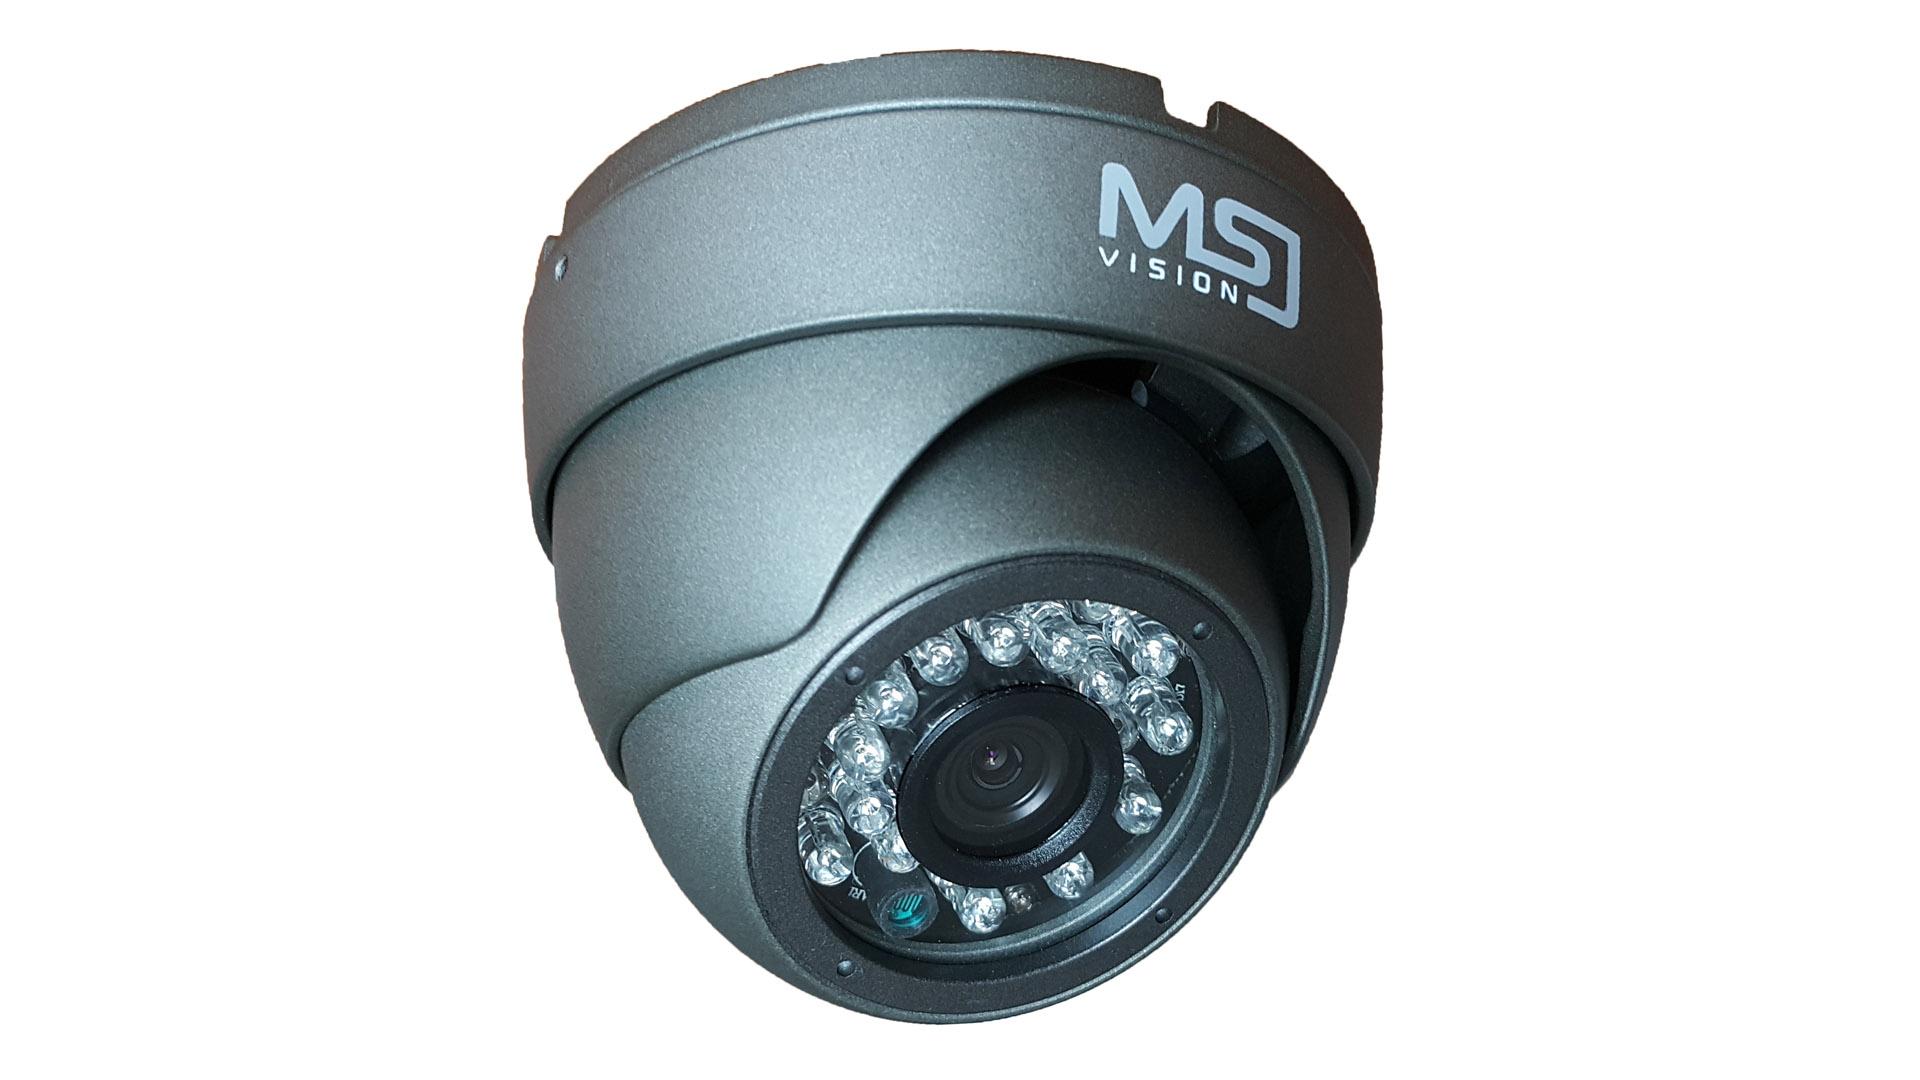 MSJ-HBR-4124G-IR1080P 2.8mm